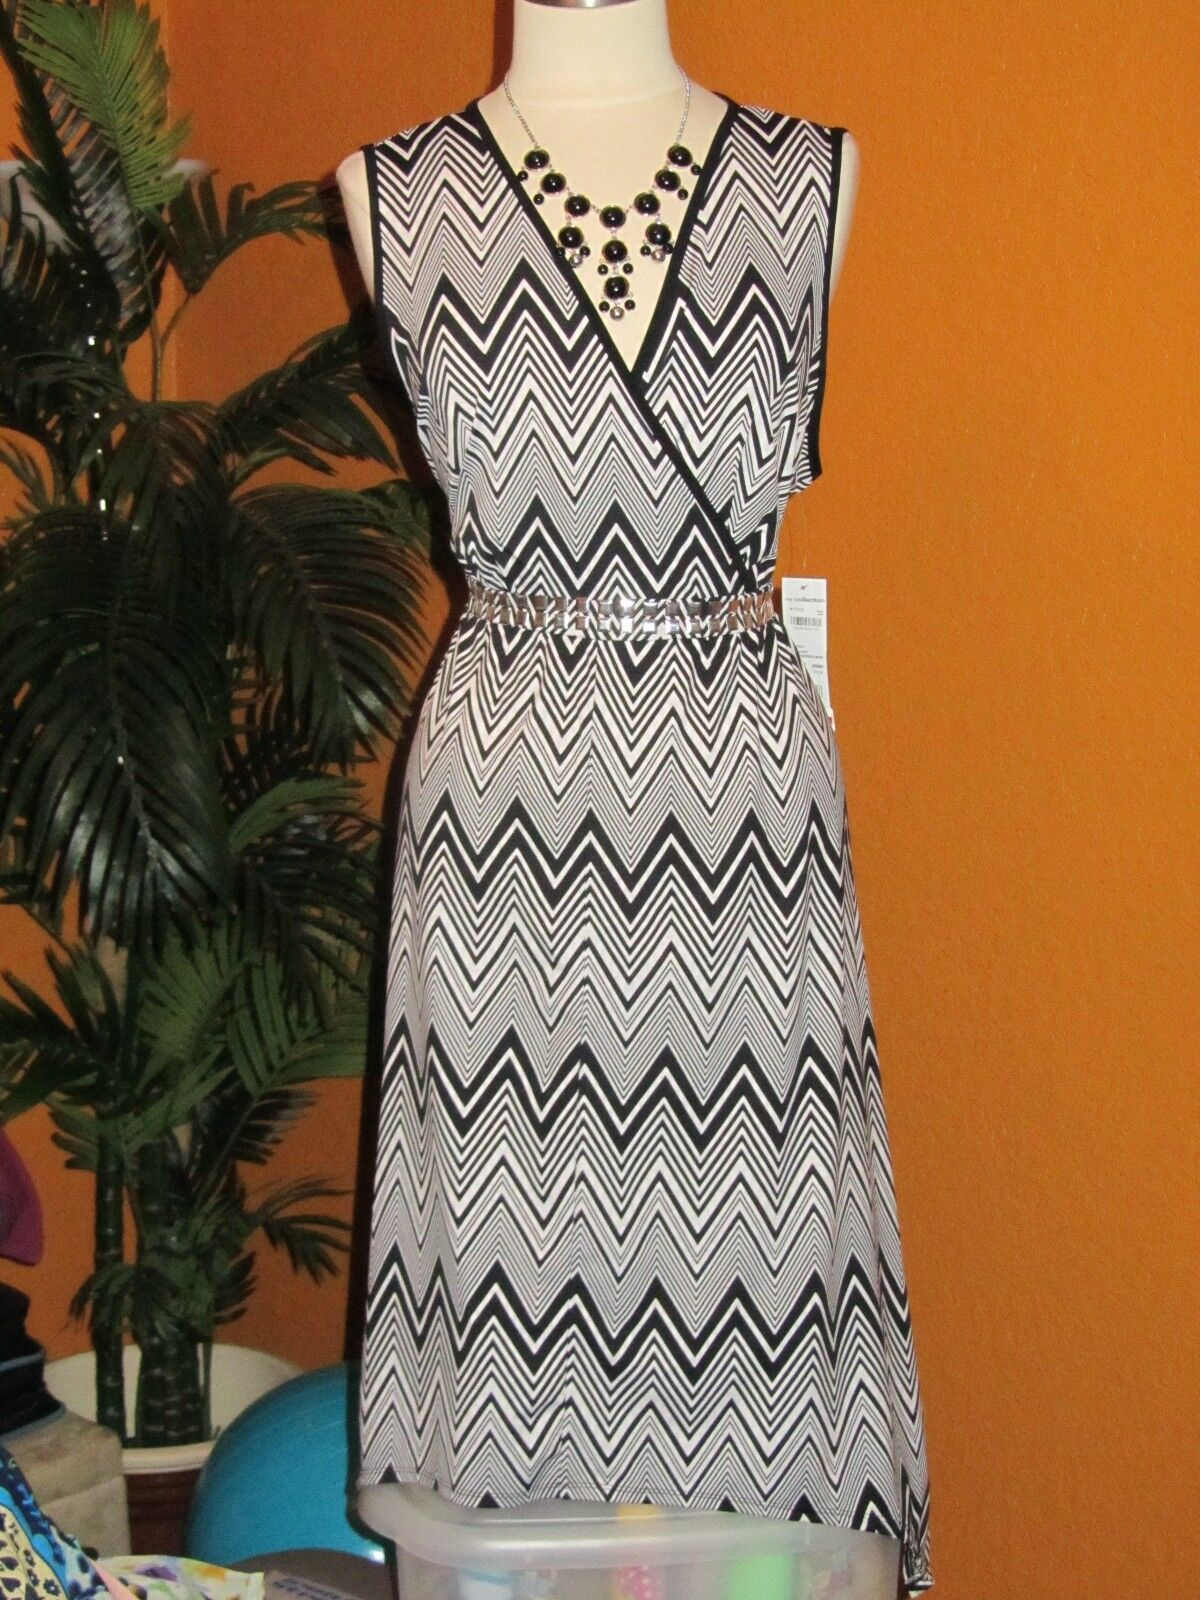 NY COLLECTION NWT  damen dress schwarz Weiß dress stripes disco hi-lo